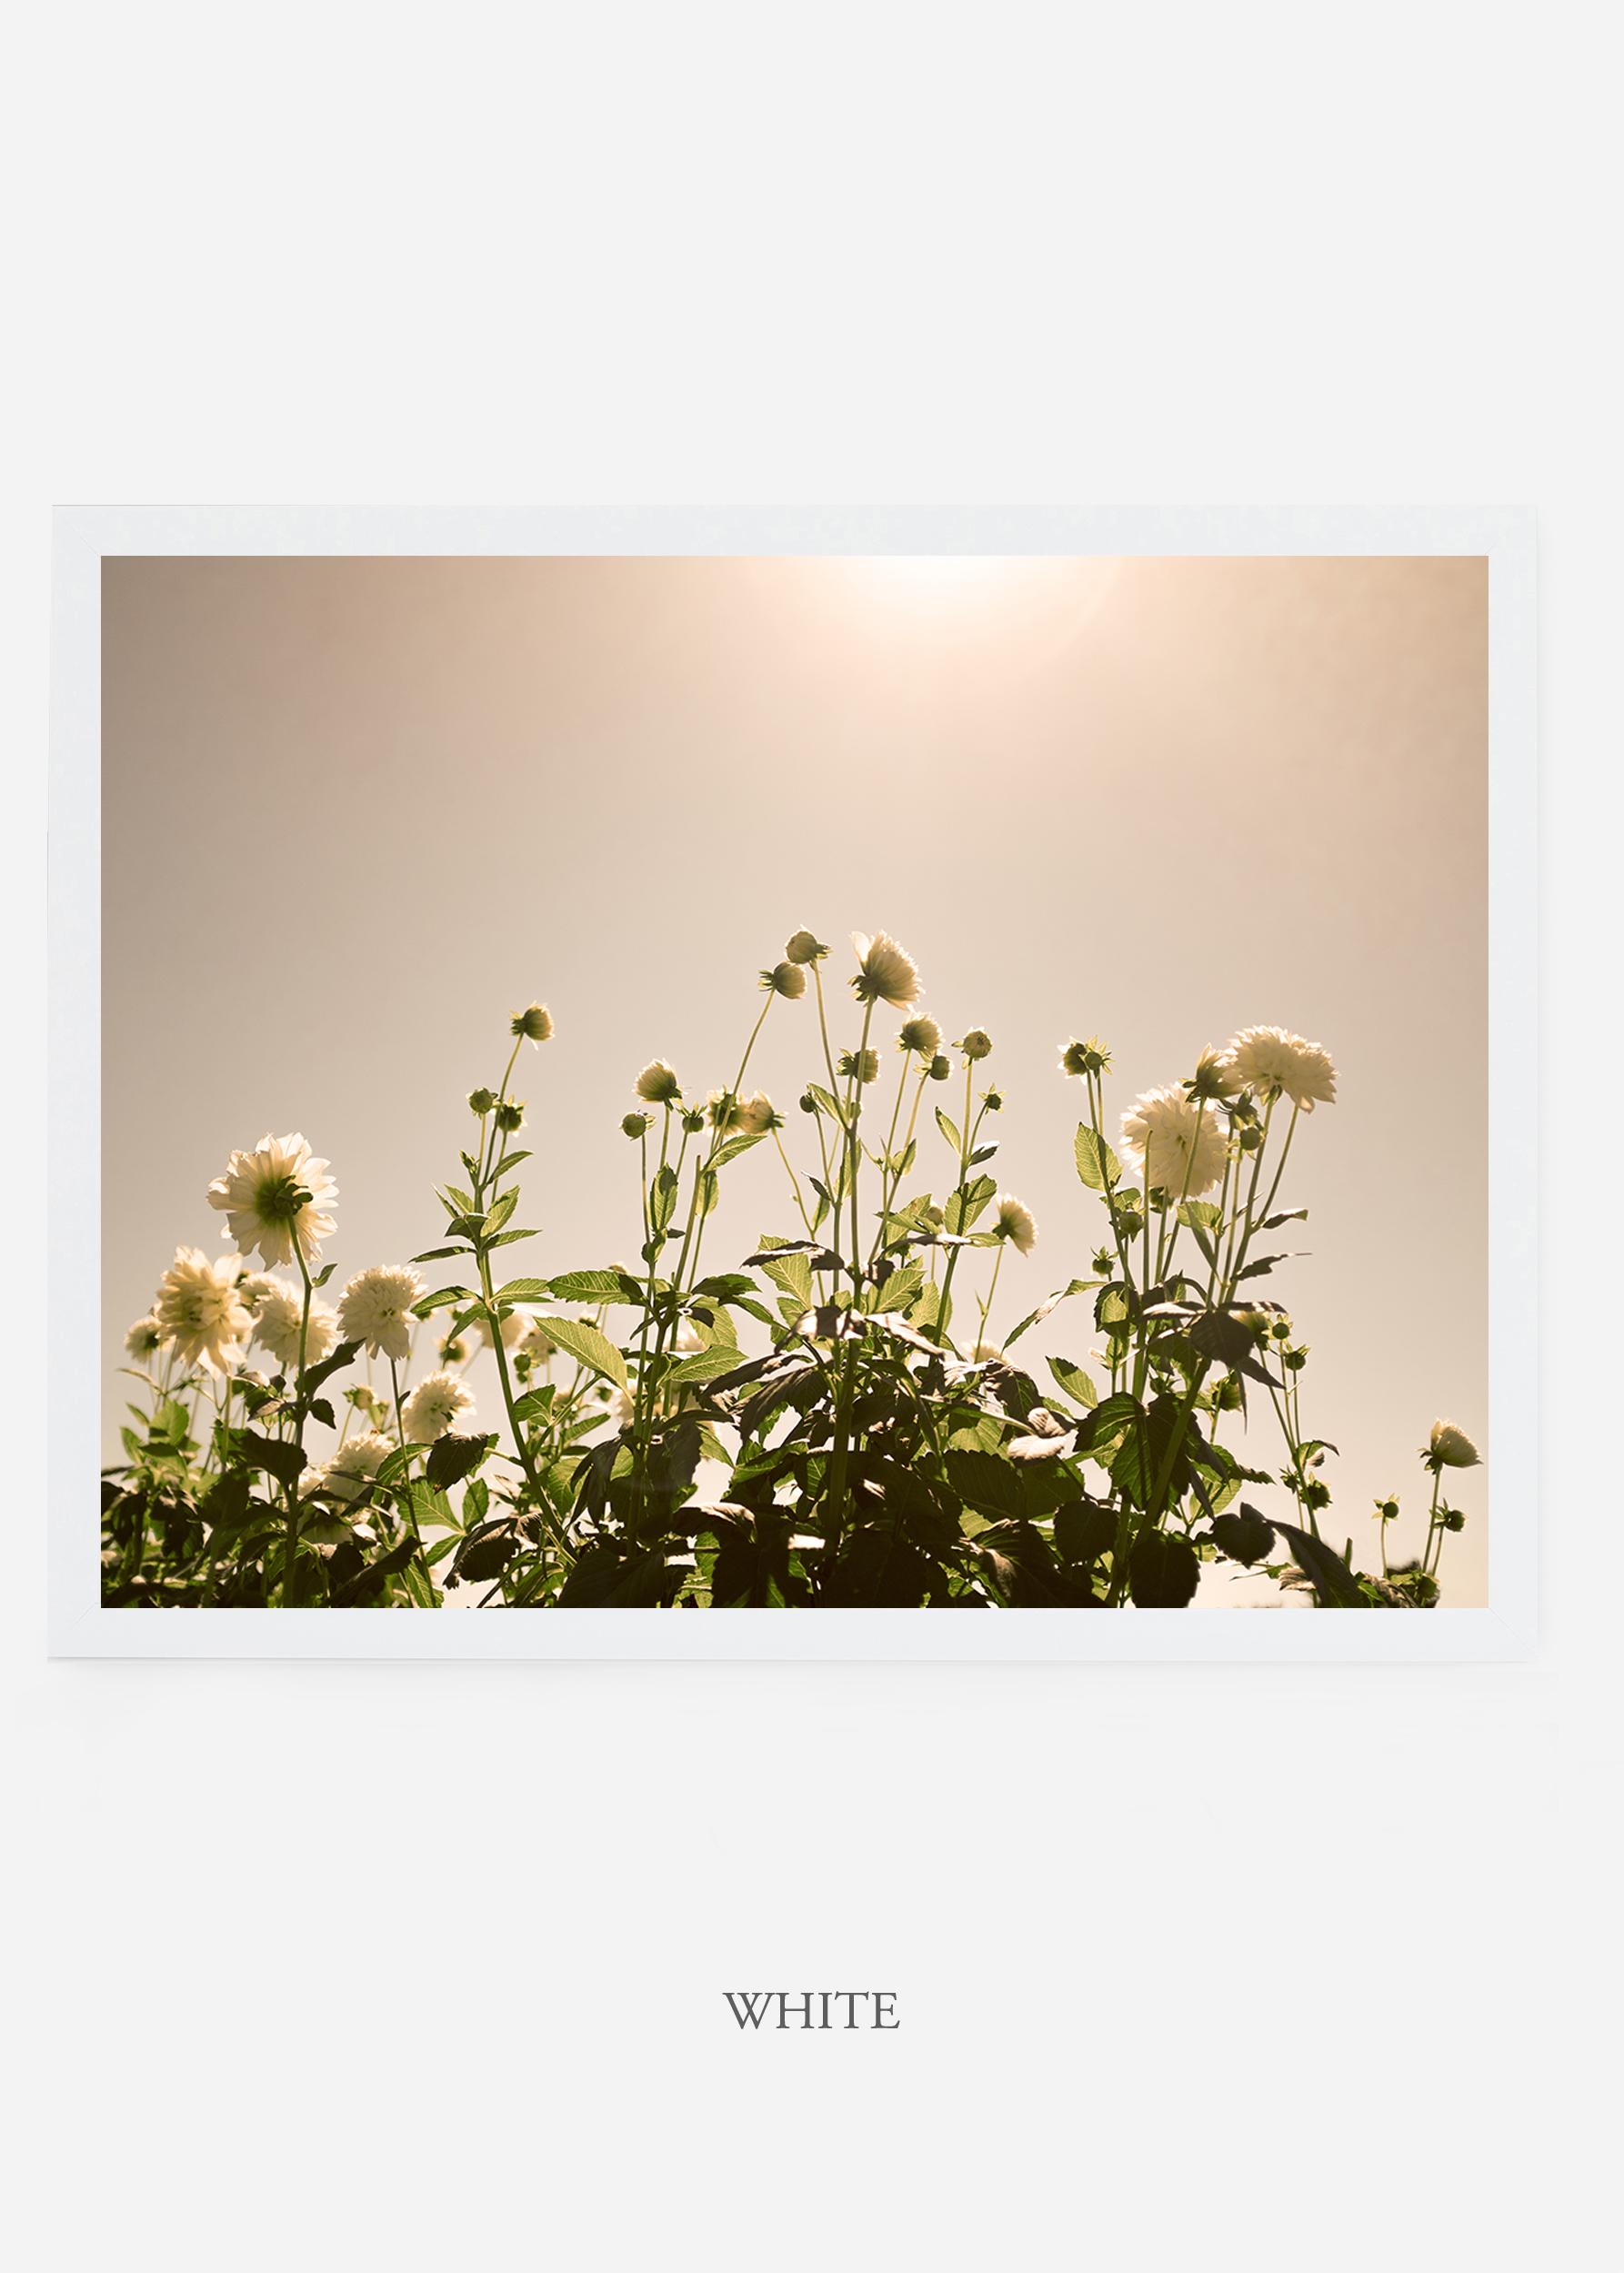 NoMat-WhiteFrame-DahliaNo.7-Wilder-California-Art-Floral-Home-decor-Prints-Dahlia-Botanical-Artwork-Interior-design.jpg